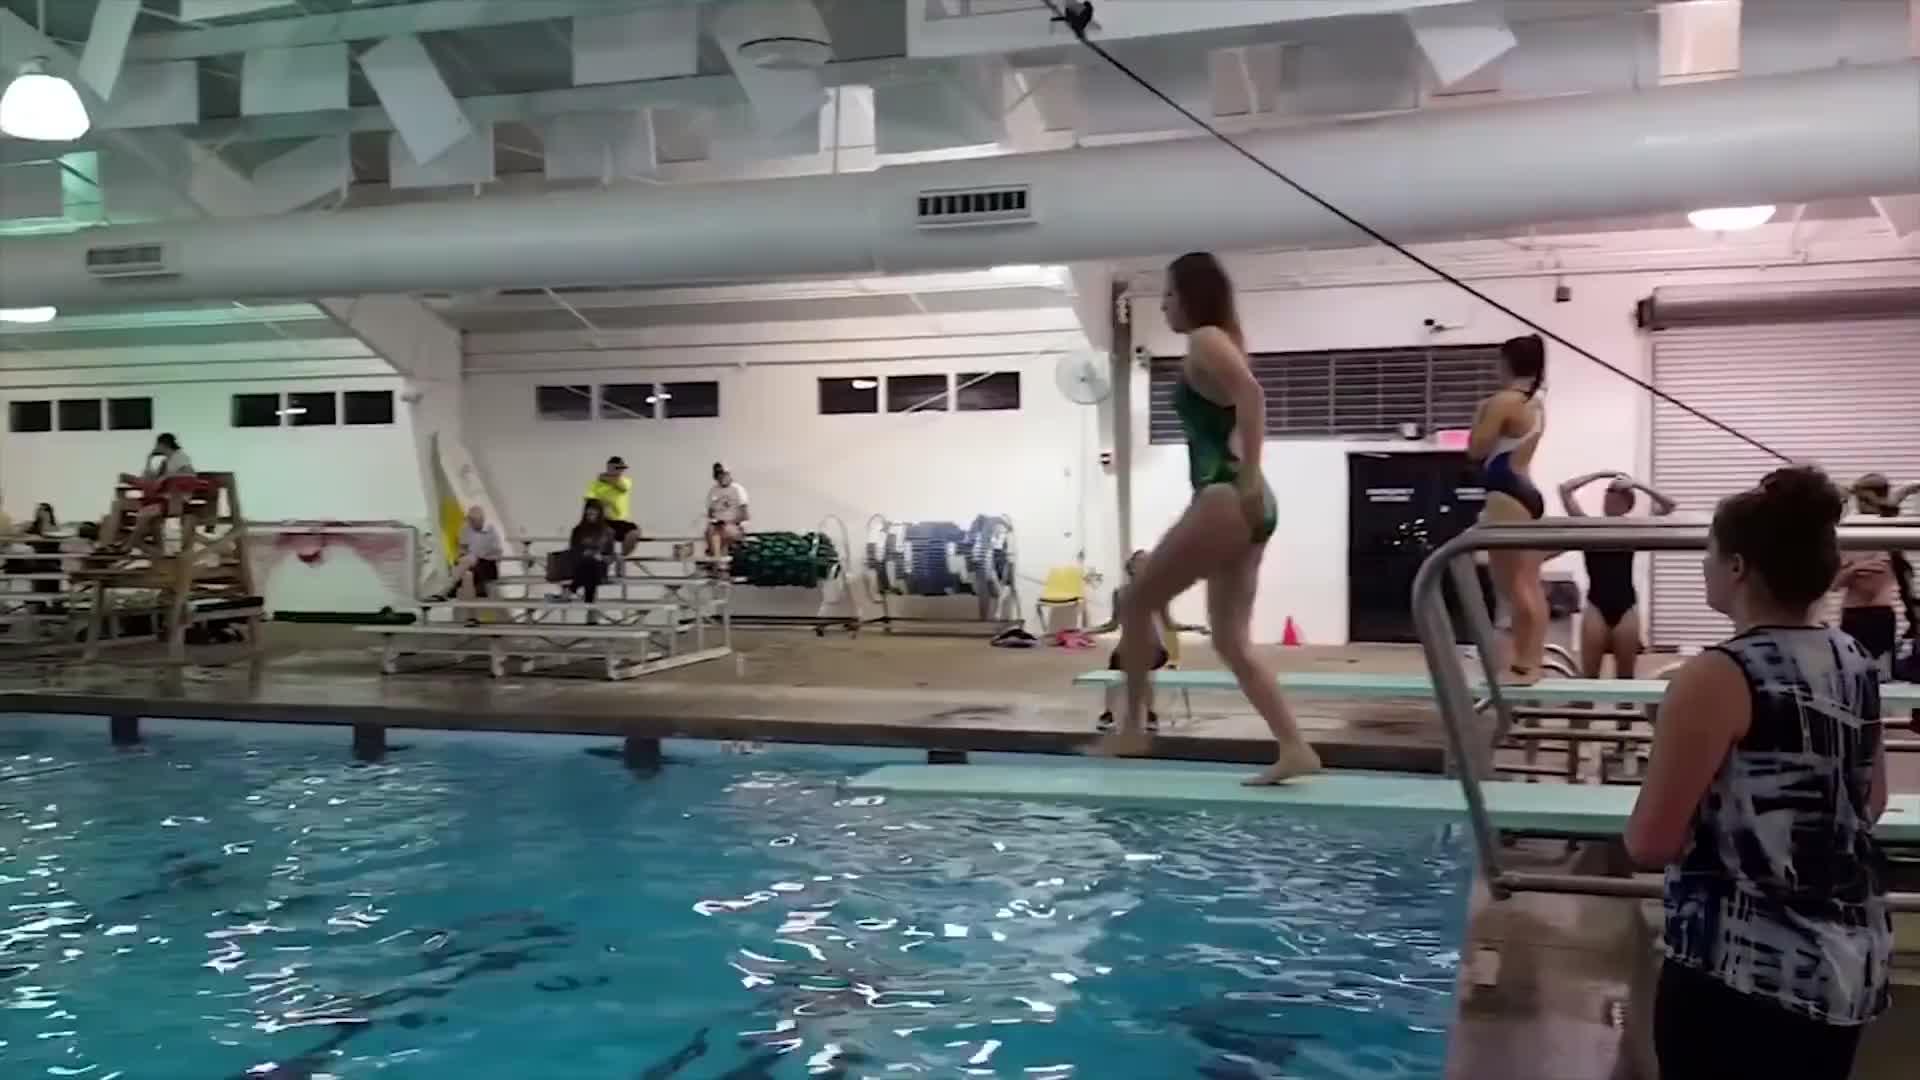 跳水失误合集,大哥大姐们啊,还是低调一点吧